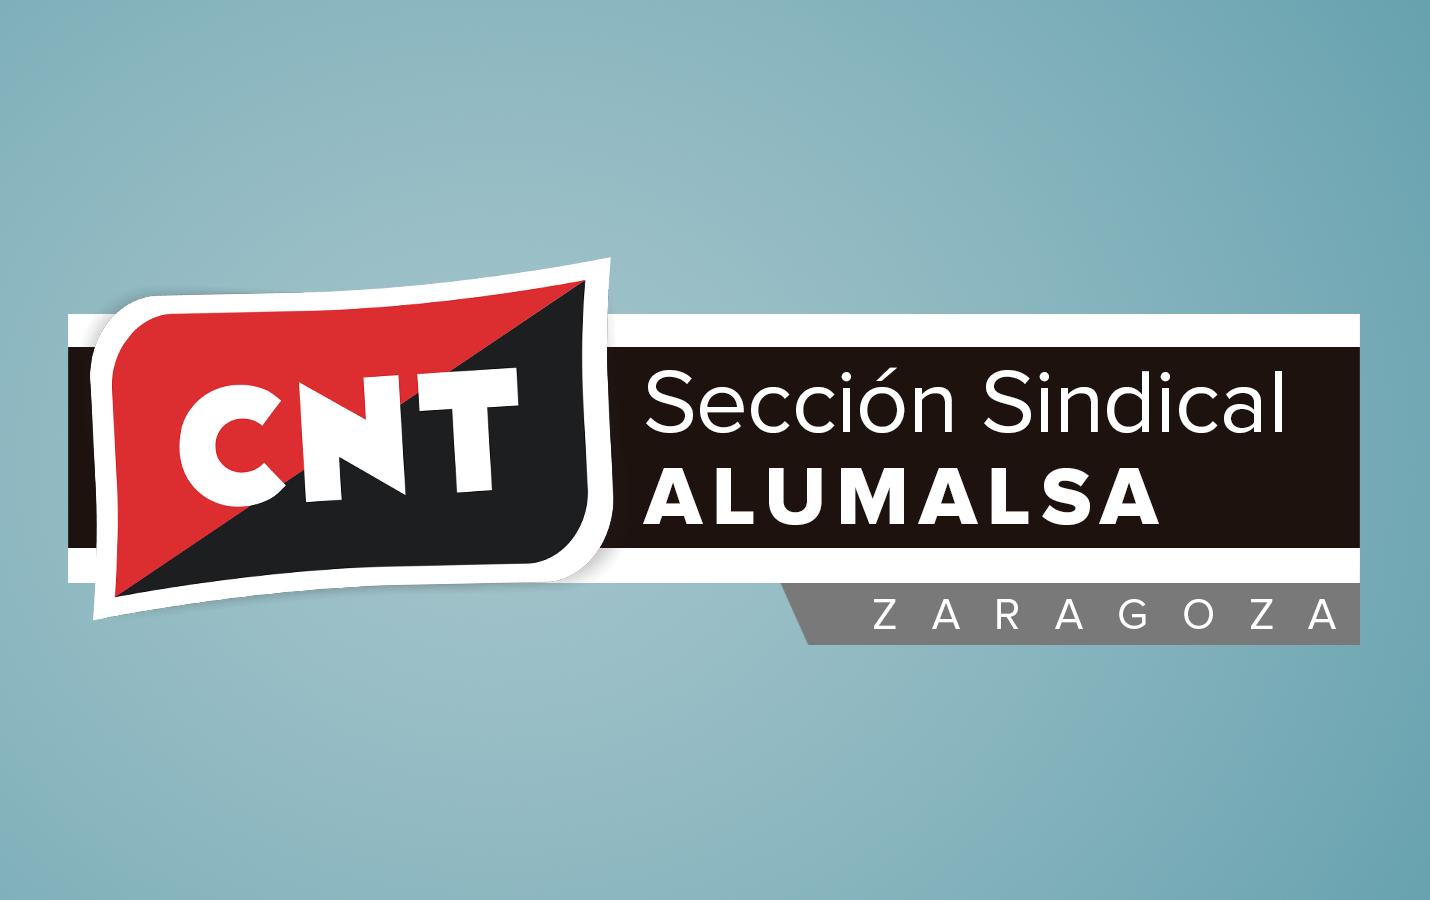 Logo Sección Sindical ALUMALSA 0